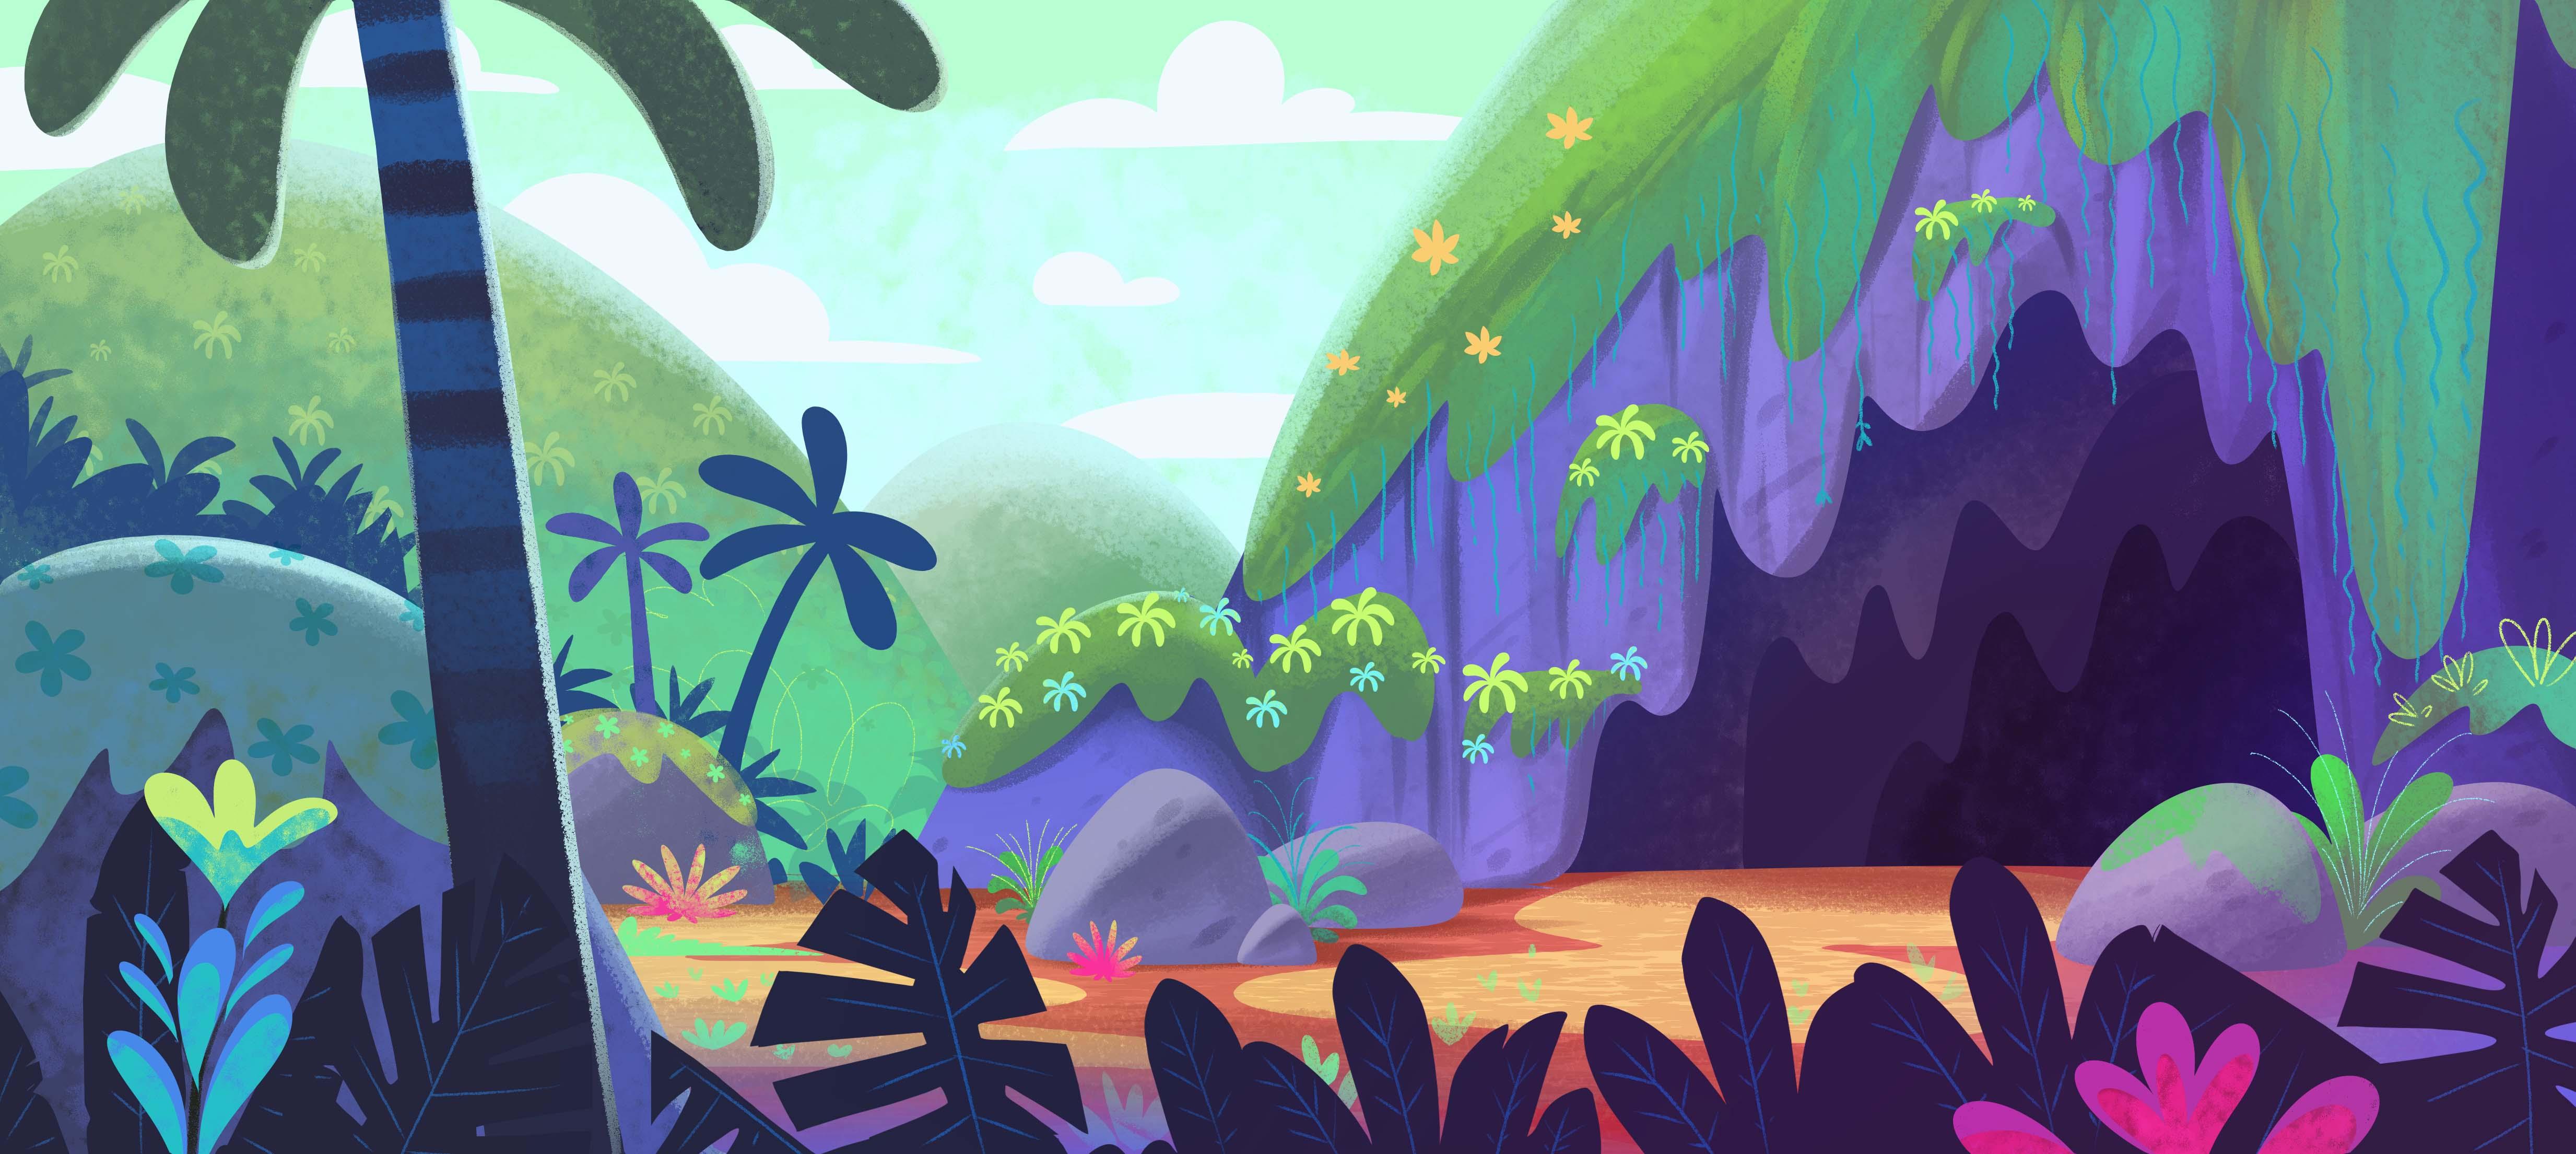 cueva update 2